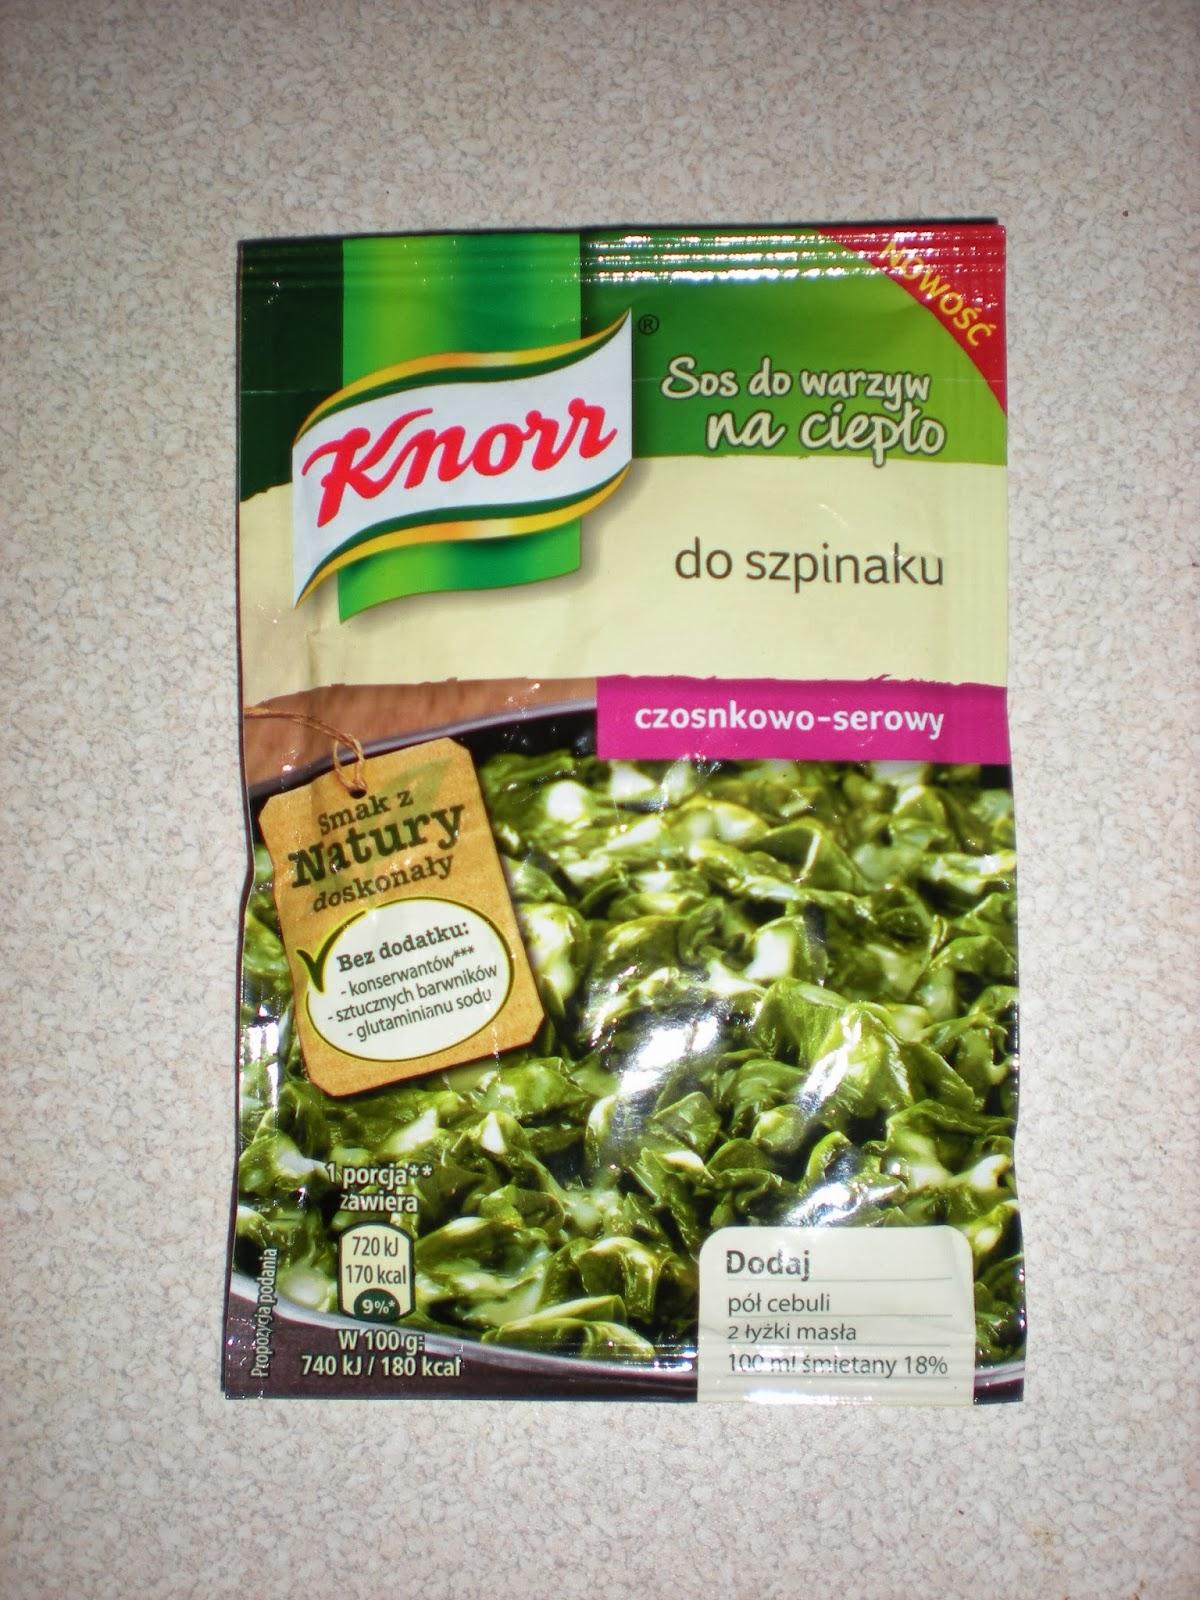 Sos Knorr [2] - recenzja!